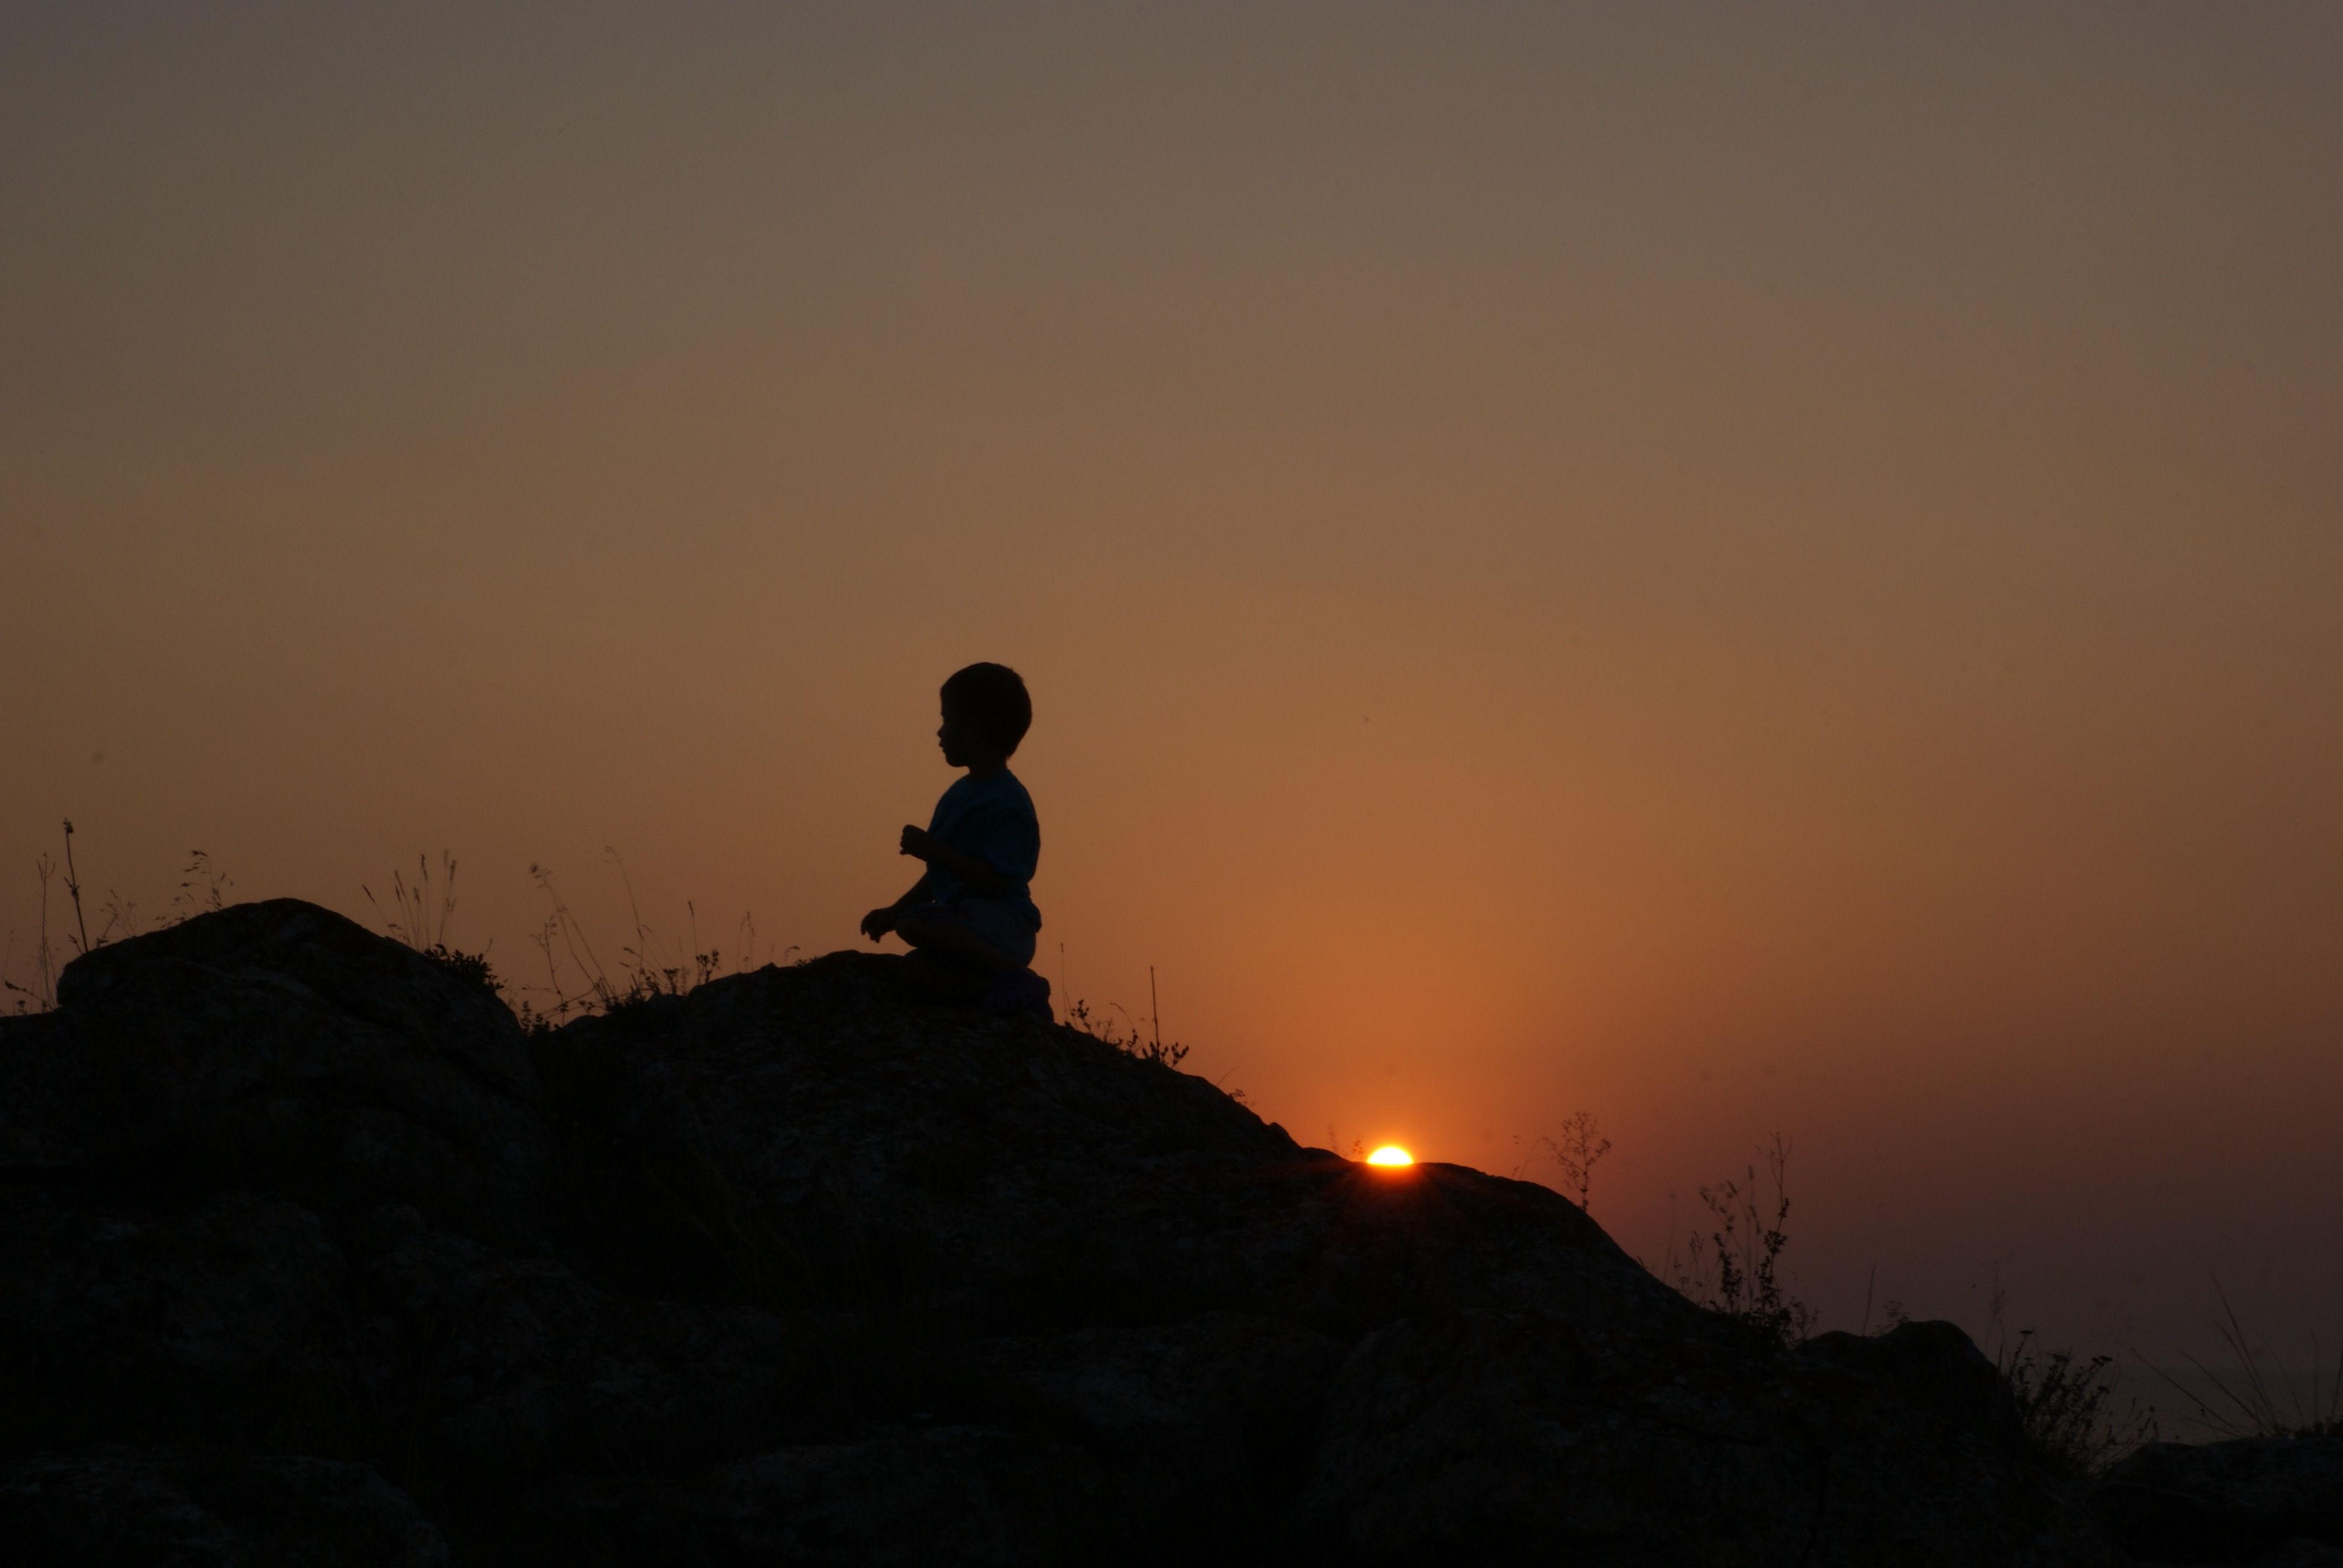 Закат на Казантипе. Юный путешественник